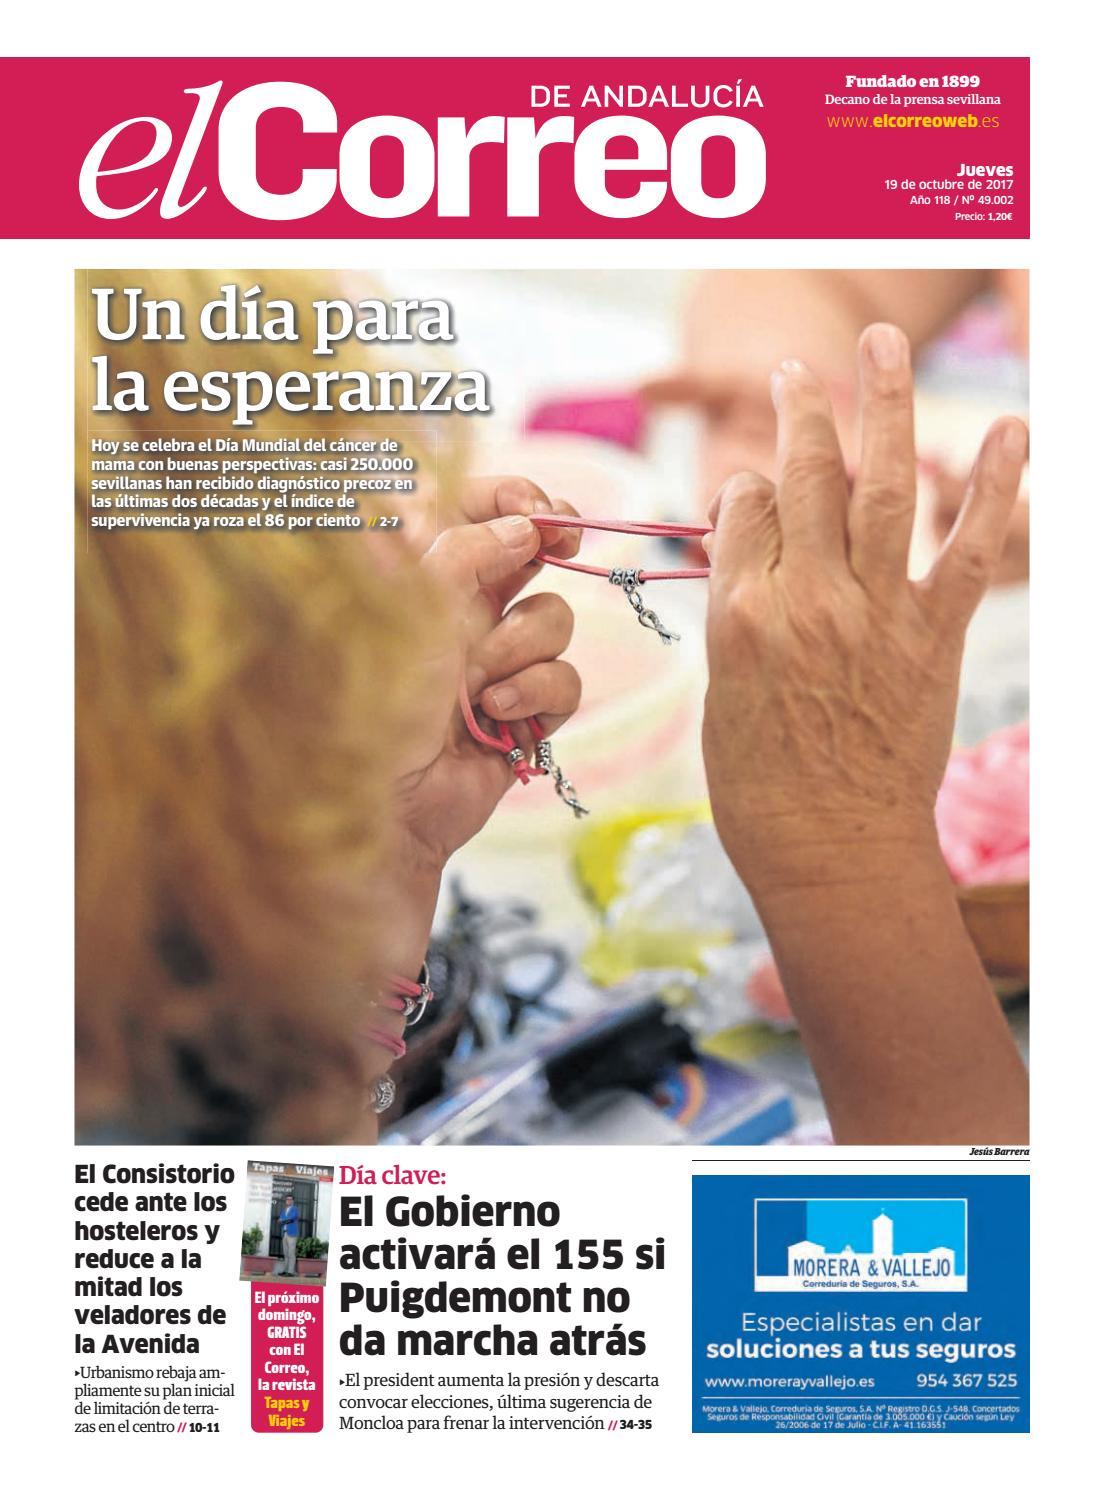 19.10.2017 El Correo de Andalucía by EL CORREO DE ANDALUCÍA S.L. - issuu